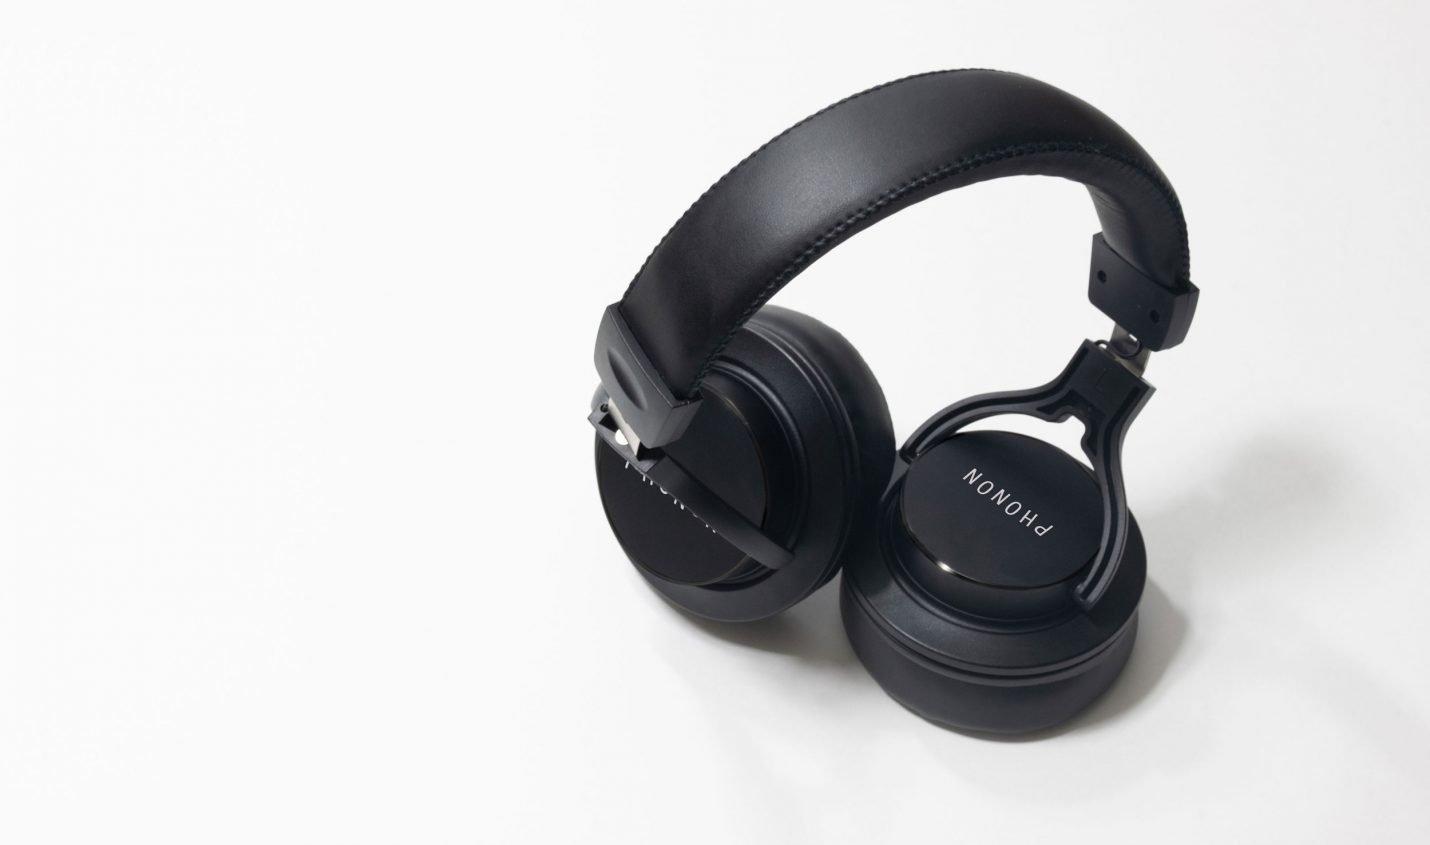 Neu: Phonon bringt neuen Kopfhörer SMB-01L heraus